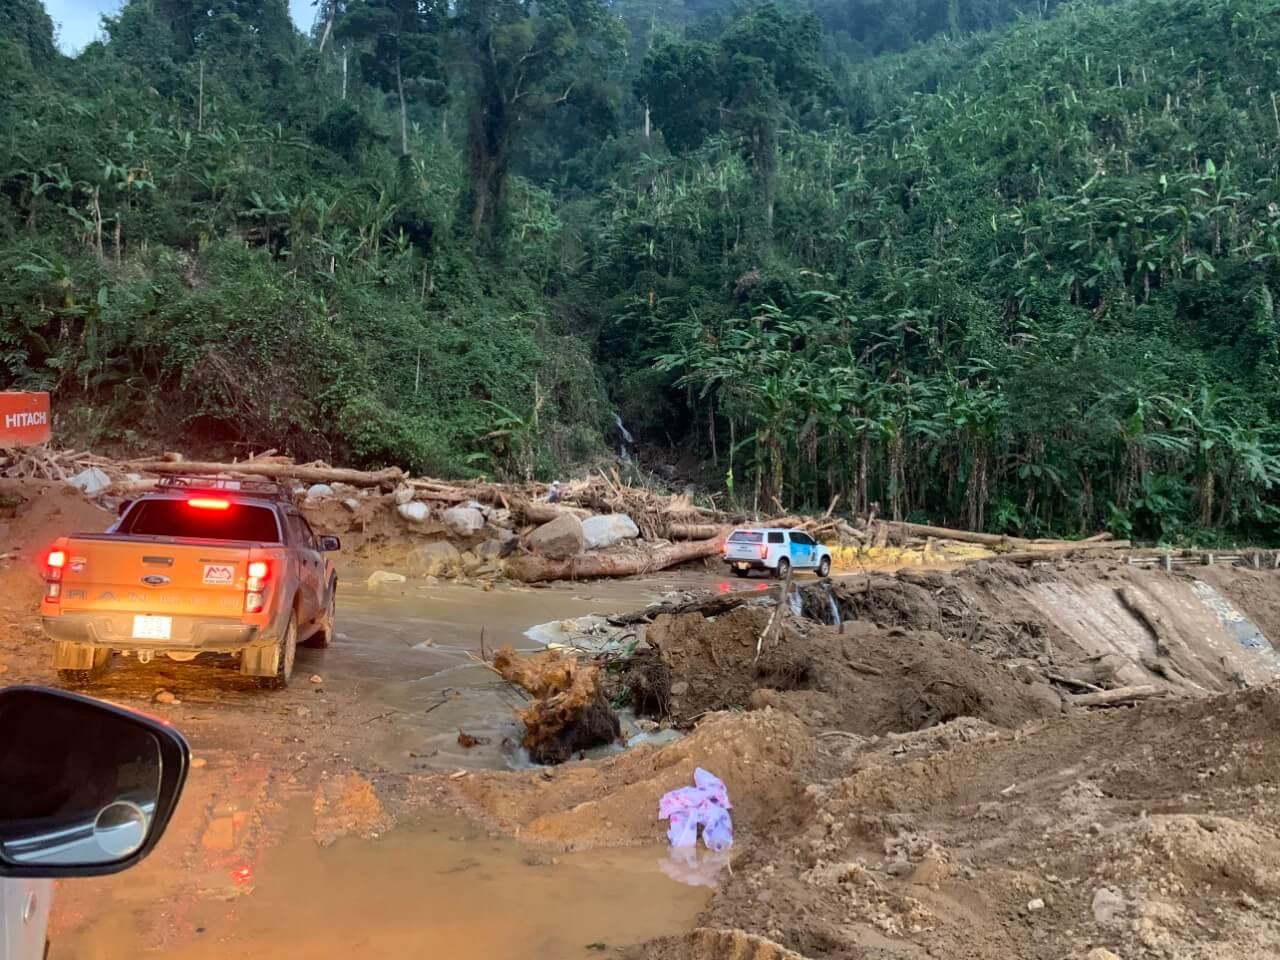 xe chuyển hàng từ thiện miền trung lũ lụt